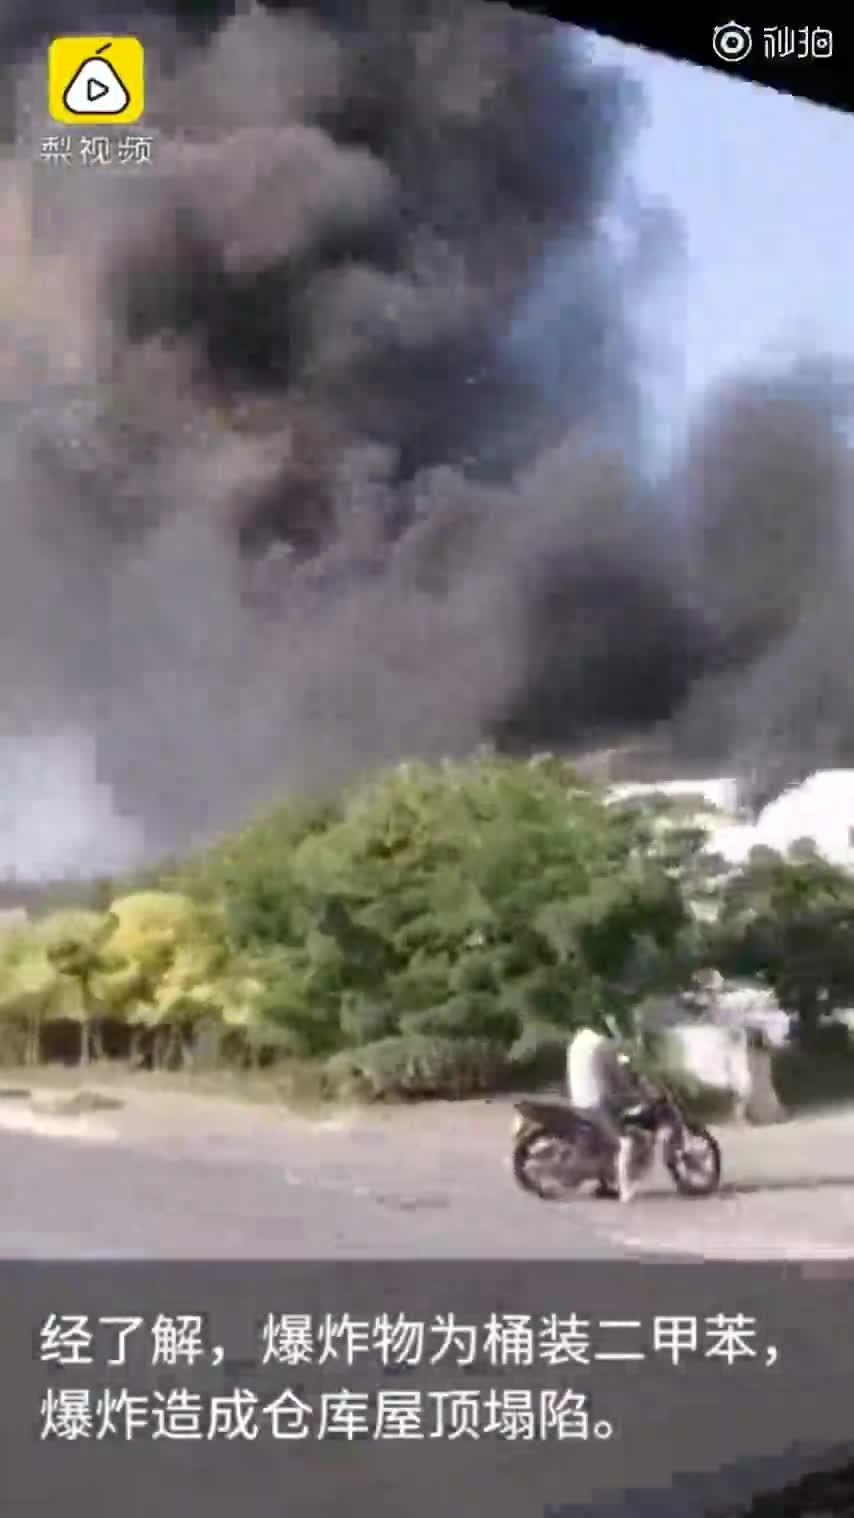 南昌一化工厂仓库爆炸无人伤亡 爆炸物为桶装二甲苯